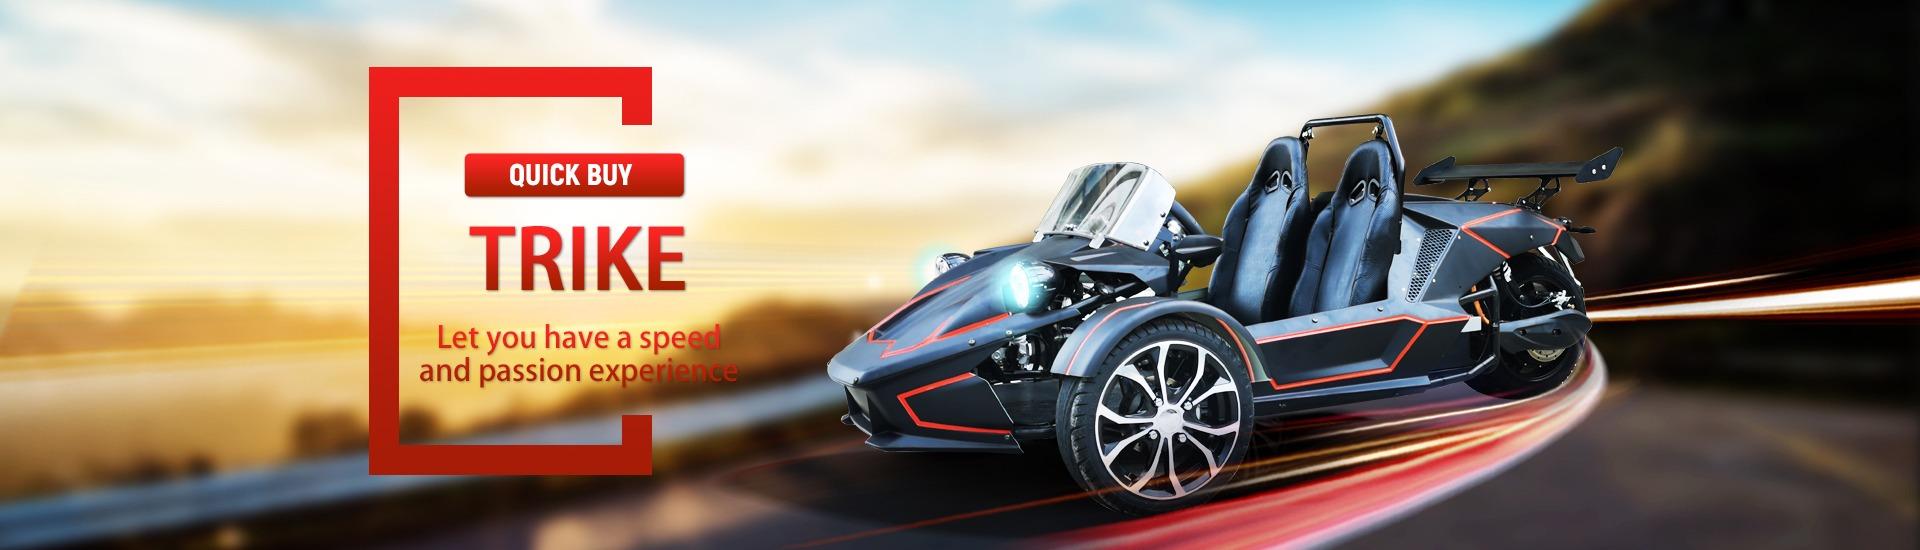 ZTR Roadster Modell 2021 elektrisch und Benzinmotor